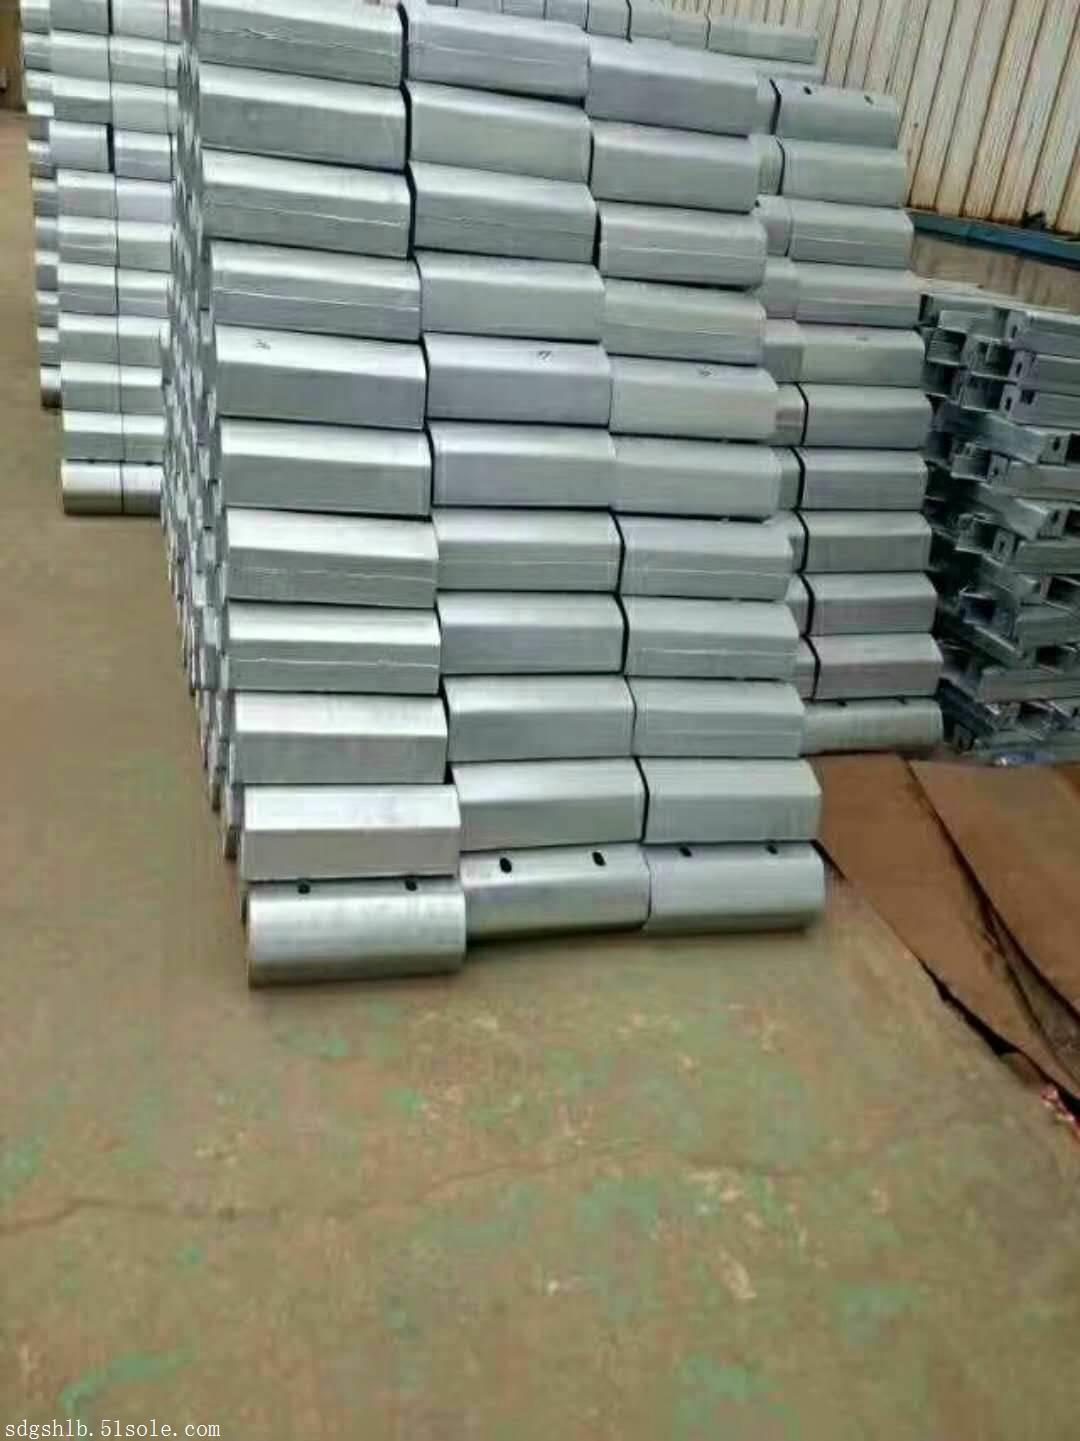 广西护栏板厂家现货 护栏板配件理论重量 安全作用